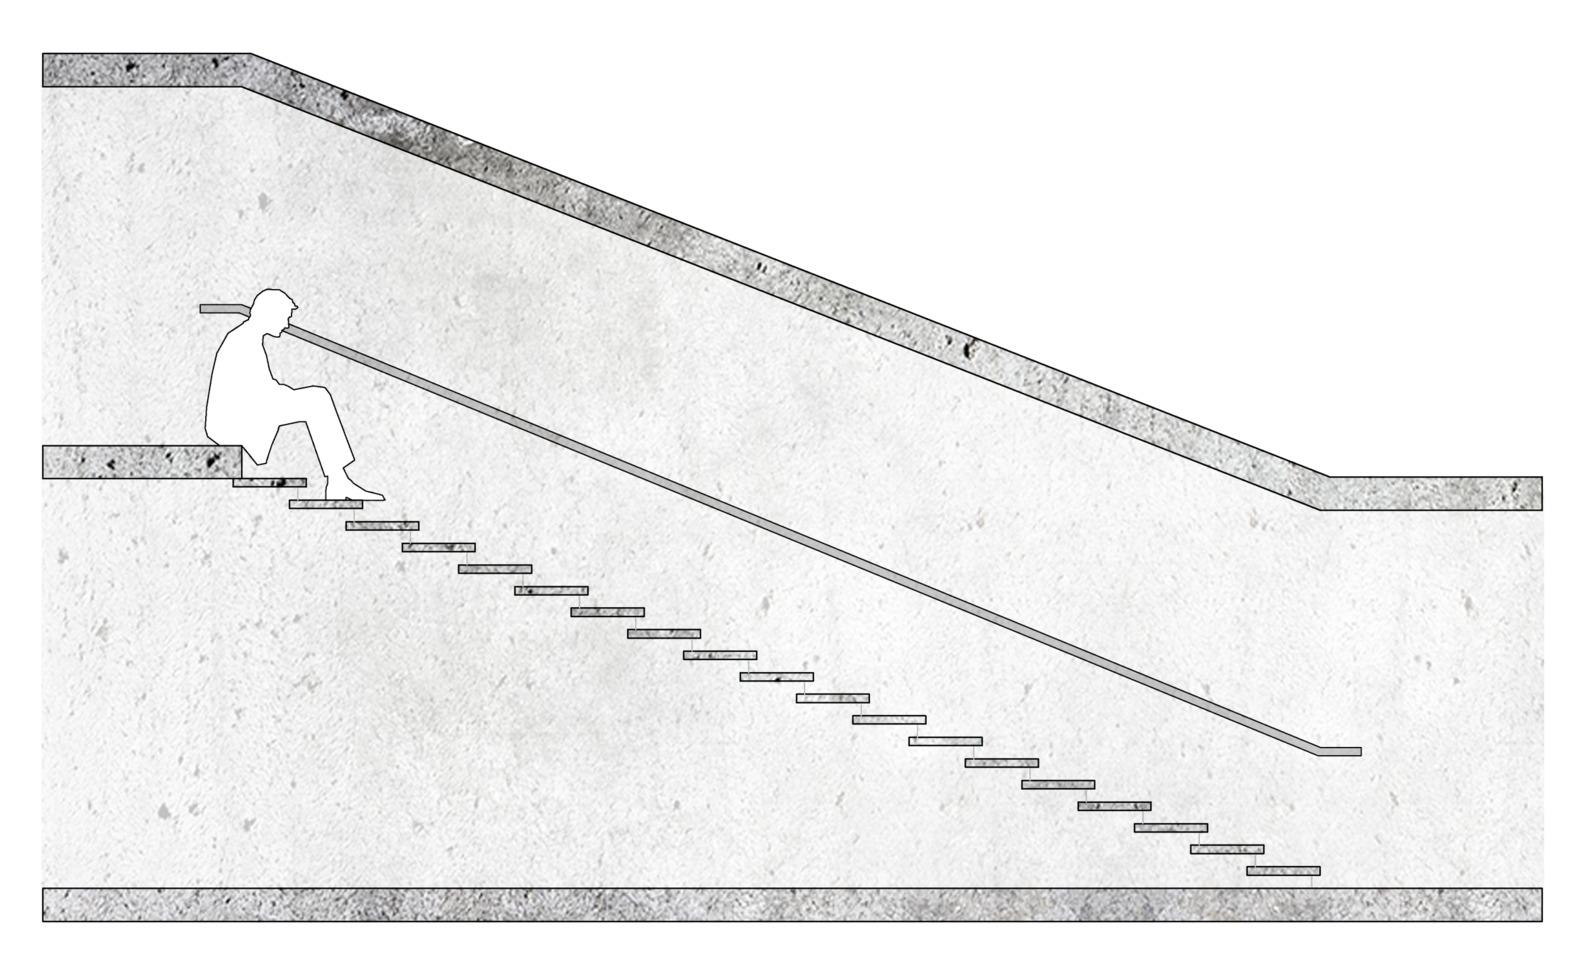 ¿Cómo diseñar y calcular una escalera?,Relación 39x13 cm / ejemplo esquemático. Image © José Tomás Franco